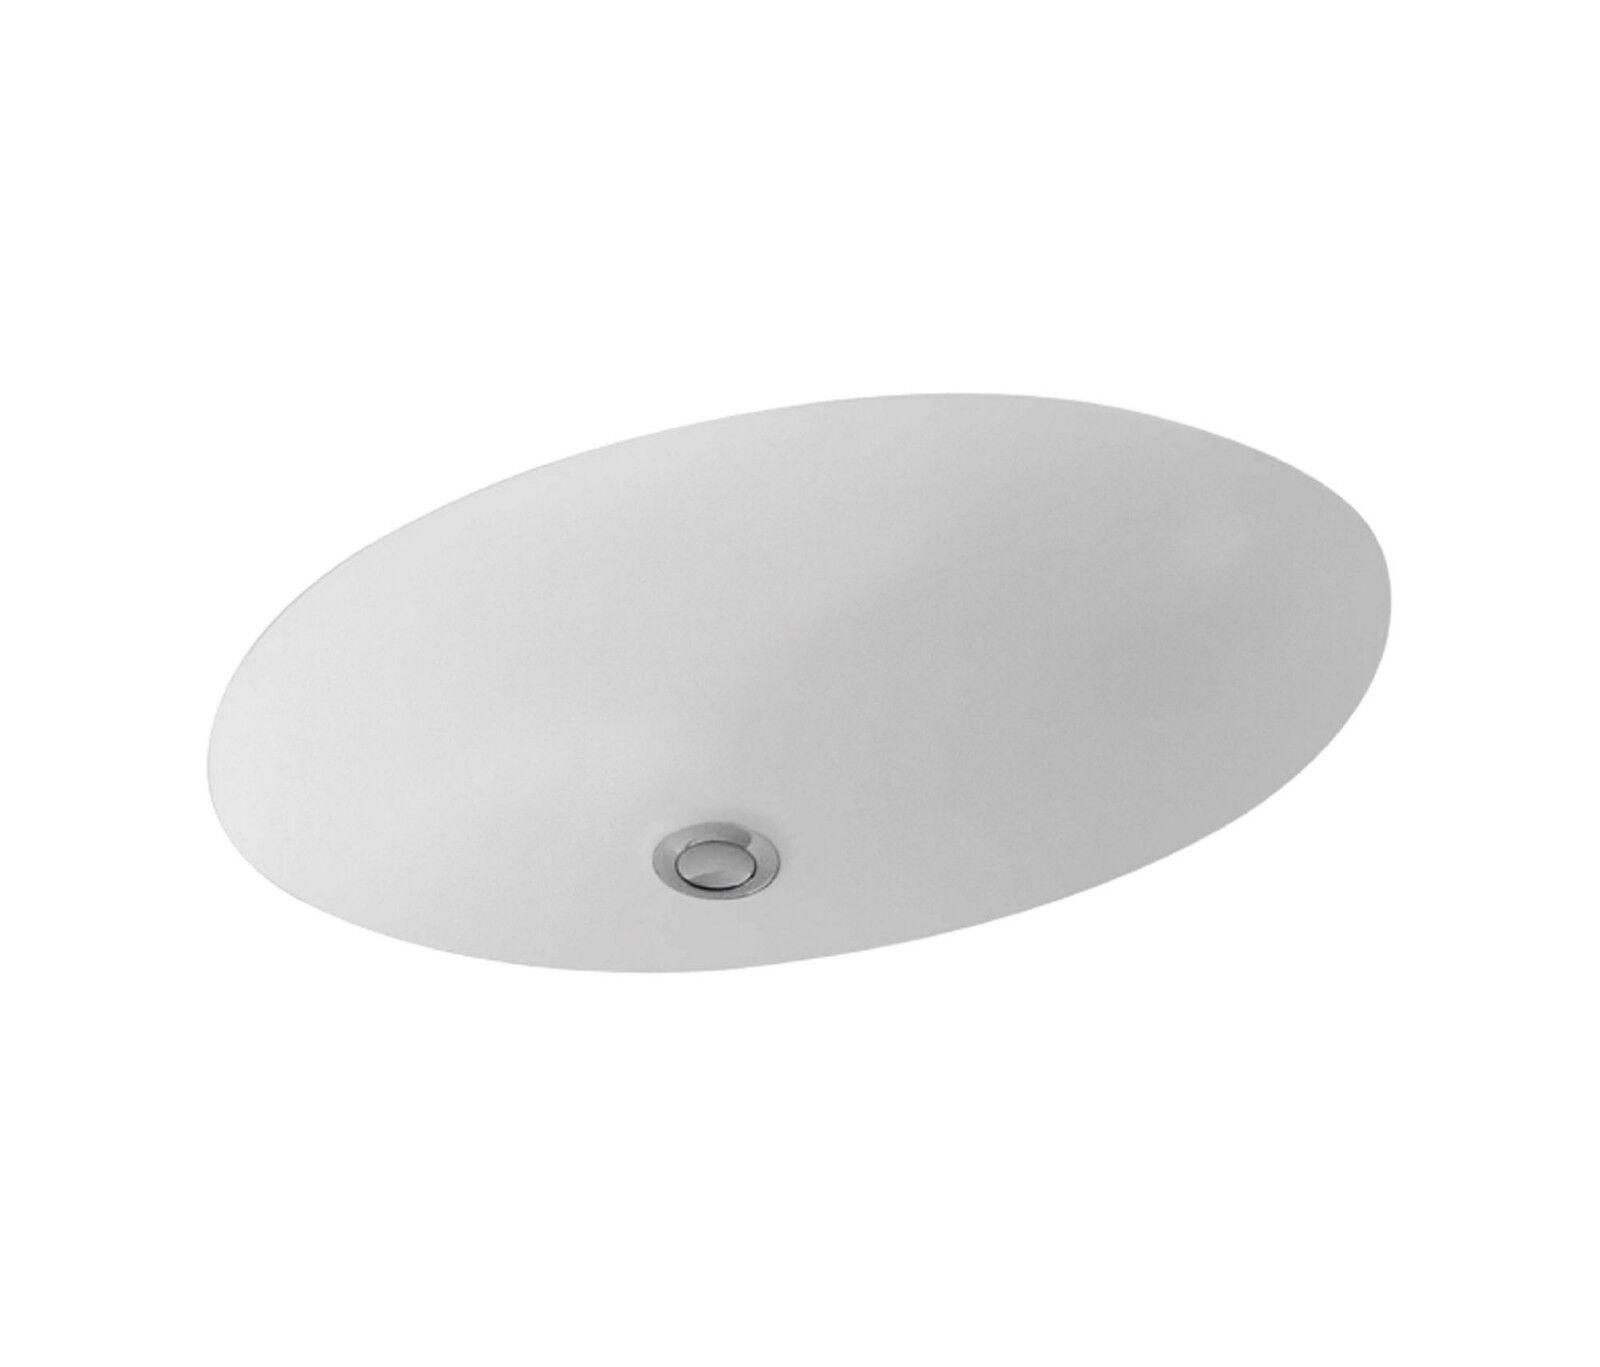 Lavabo ad incasso Sottopiano cm 50x35 (misure interne) Villeroy & Boch EVANA Bco